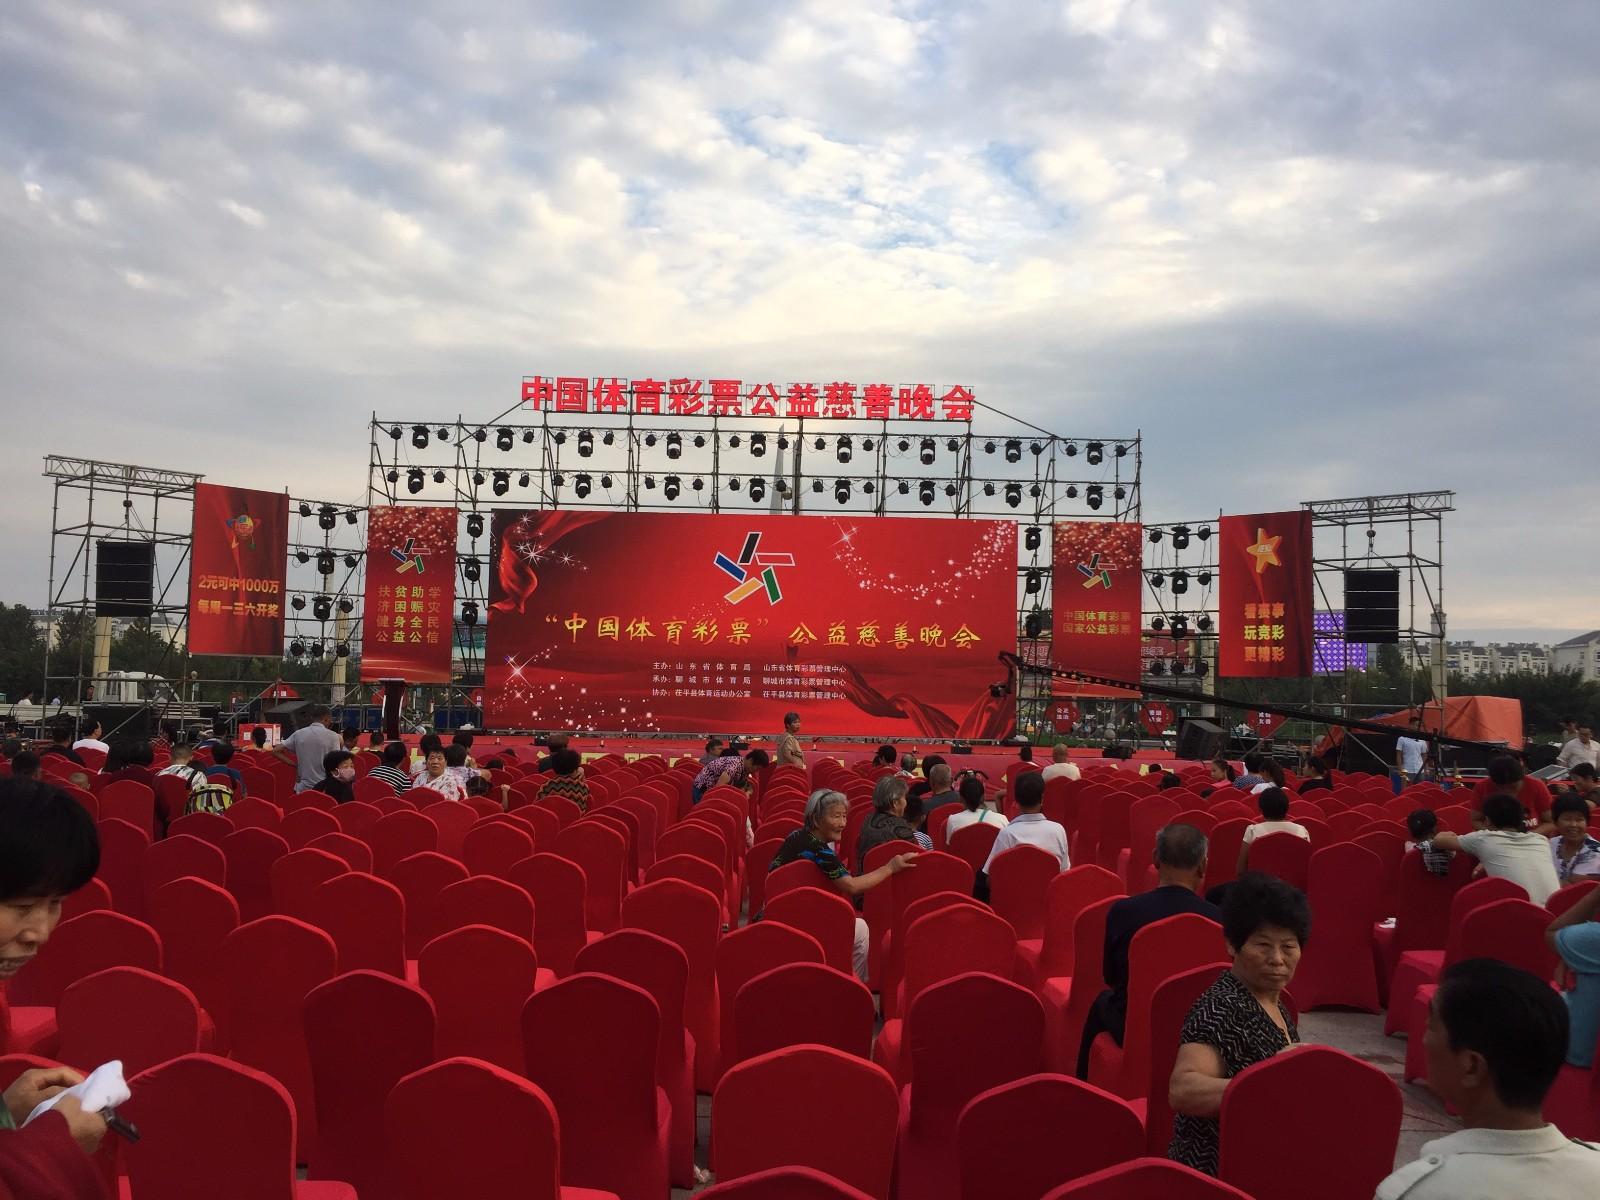 体彩慈善晚会|演唱会/Vocal concert-聊城龙元广告文化传媒有限公司